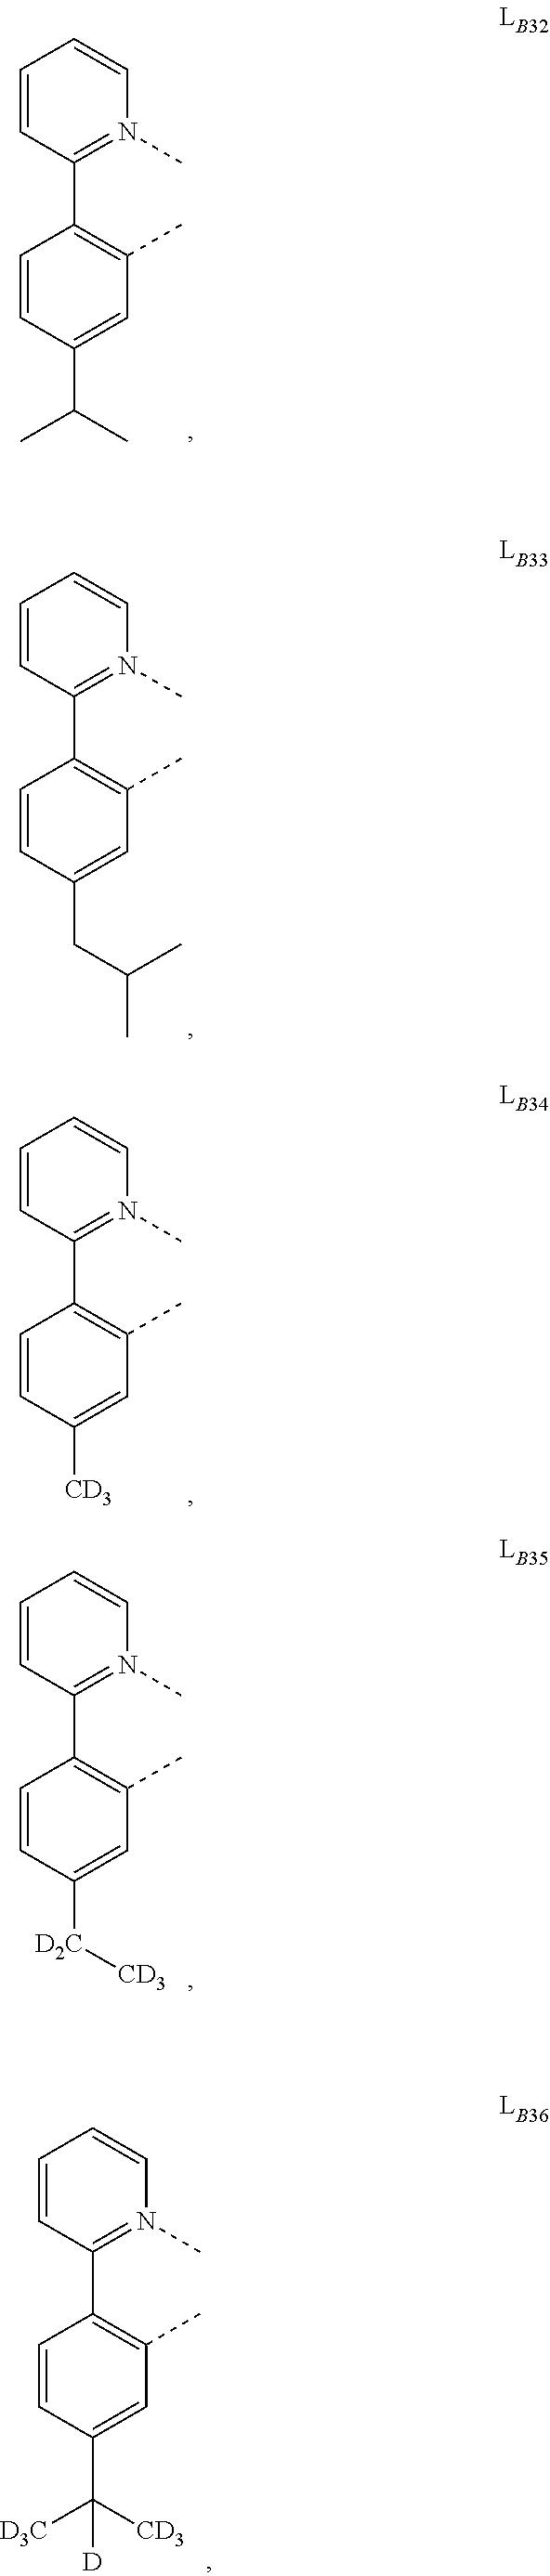 Figure US20160049599A1-20160218-C00502